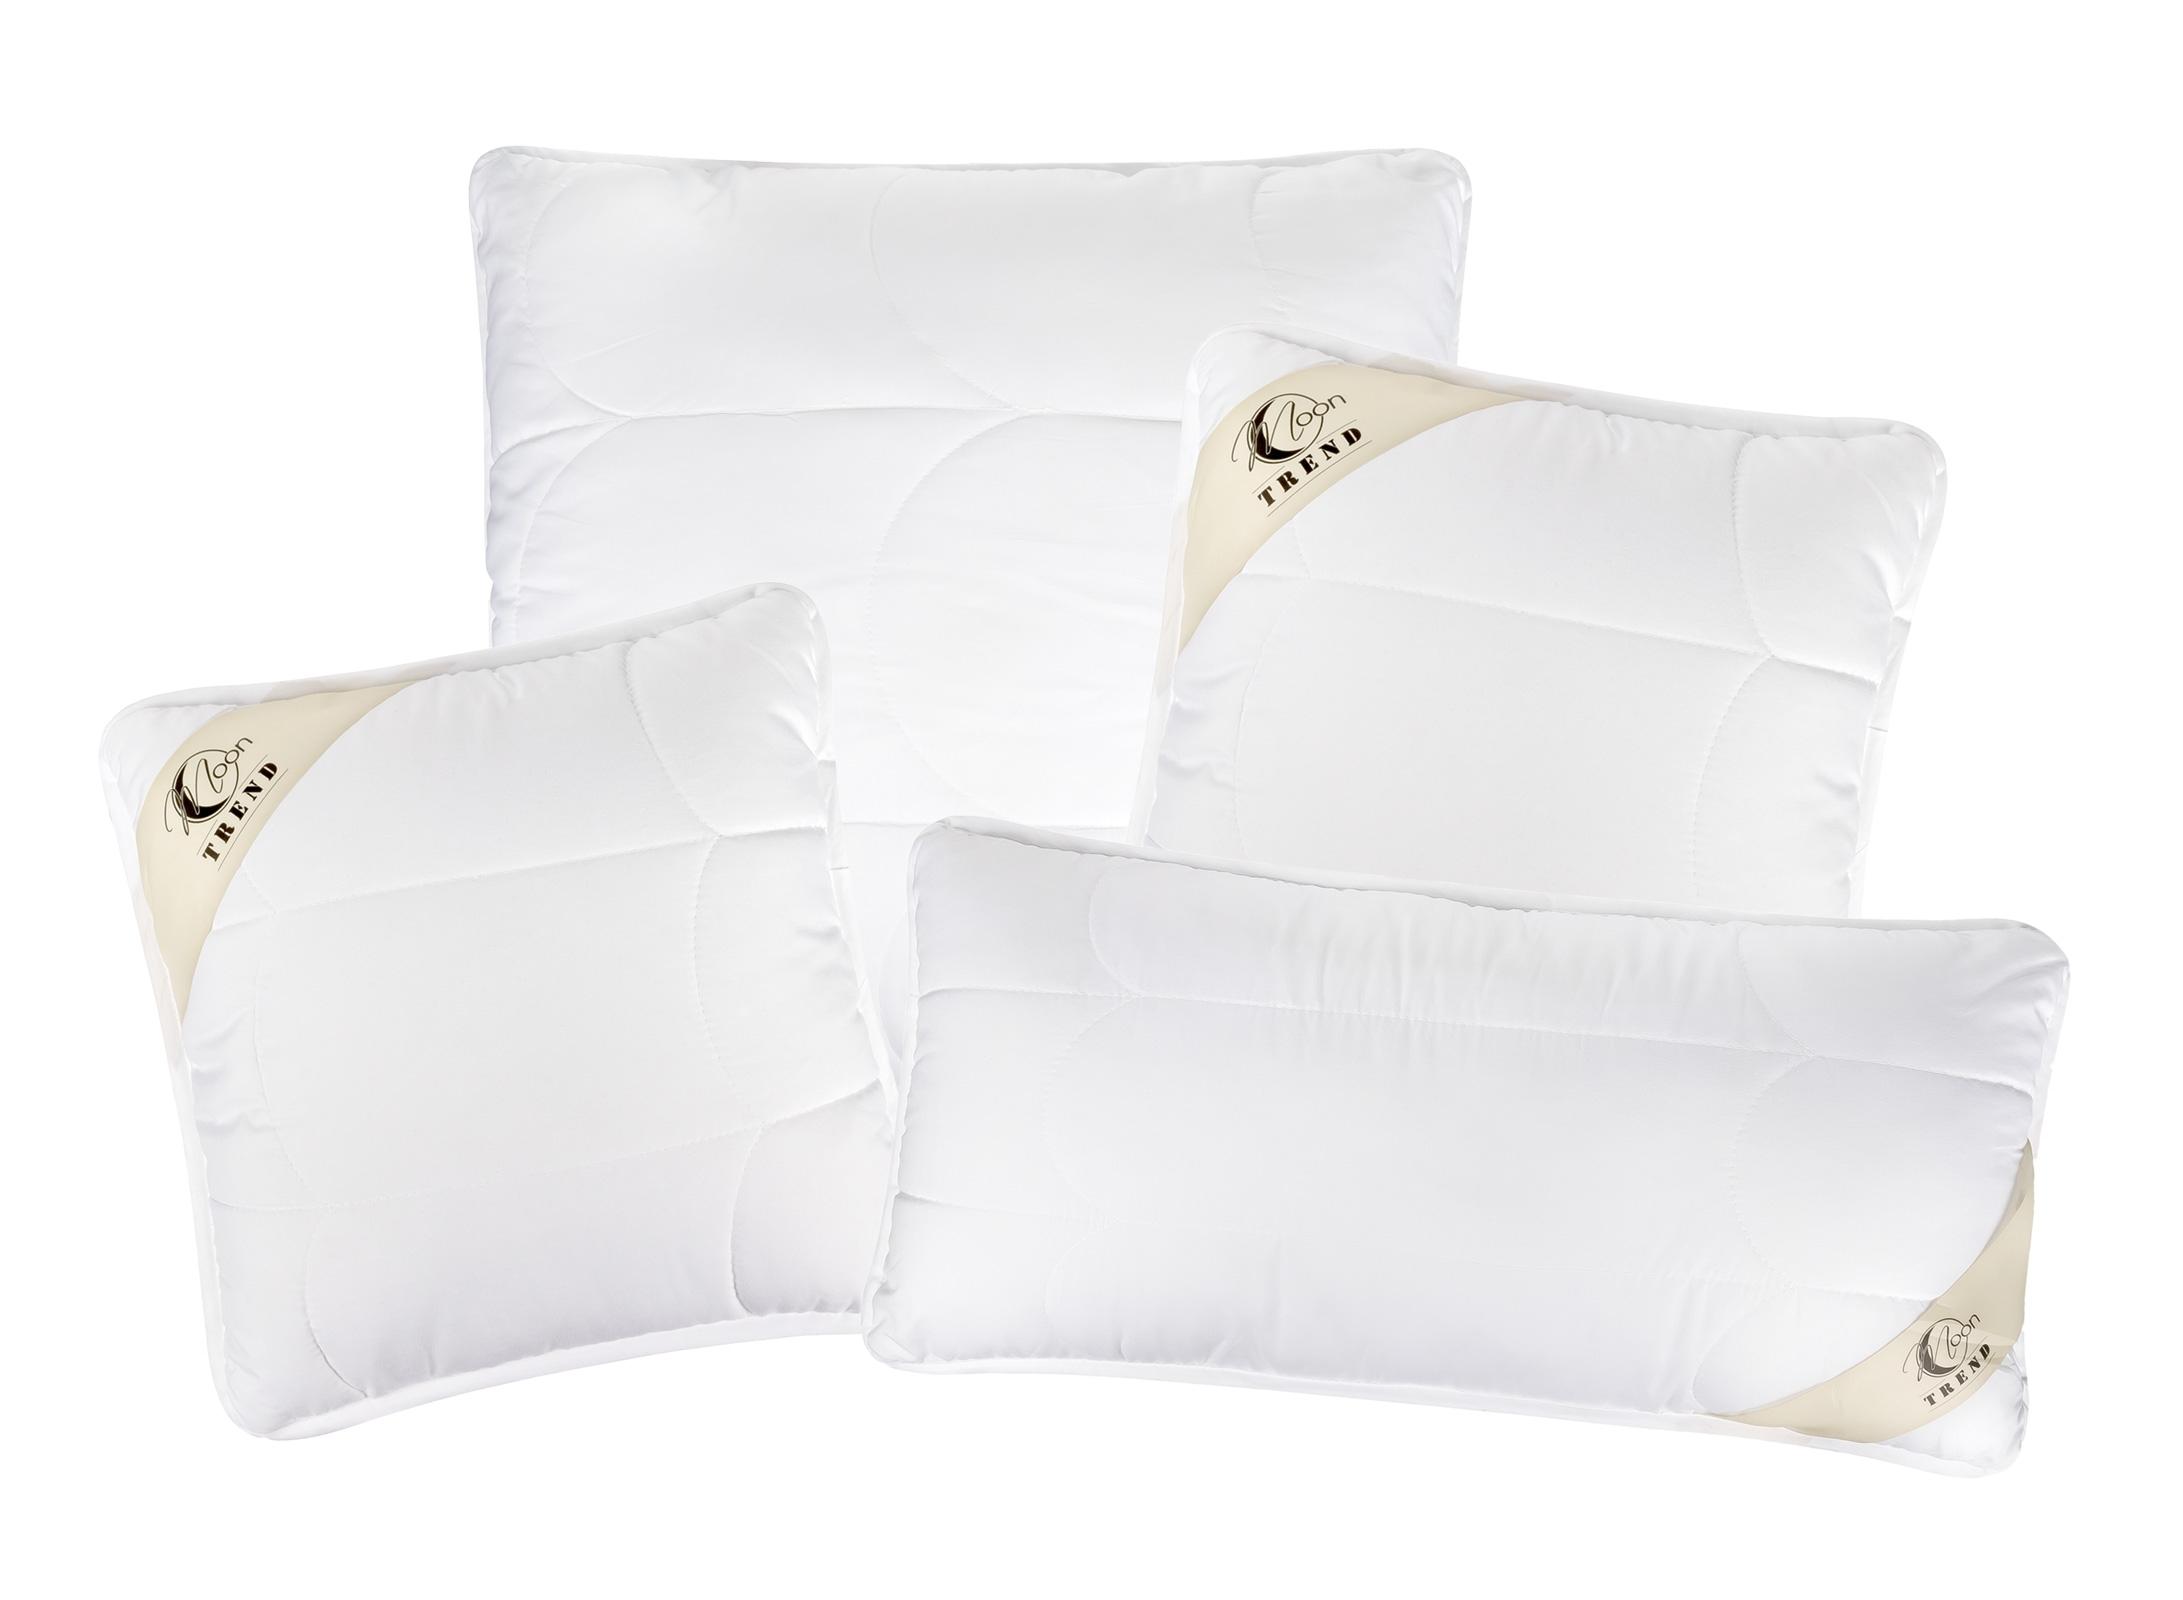 Bettdecken und Kopfkissen - MOON Trend Kopfkissen Kissen versteppt super fest mit Reißverschluss 95° waschbar  - Onlineshop PremiumShop321